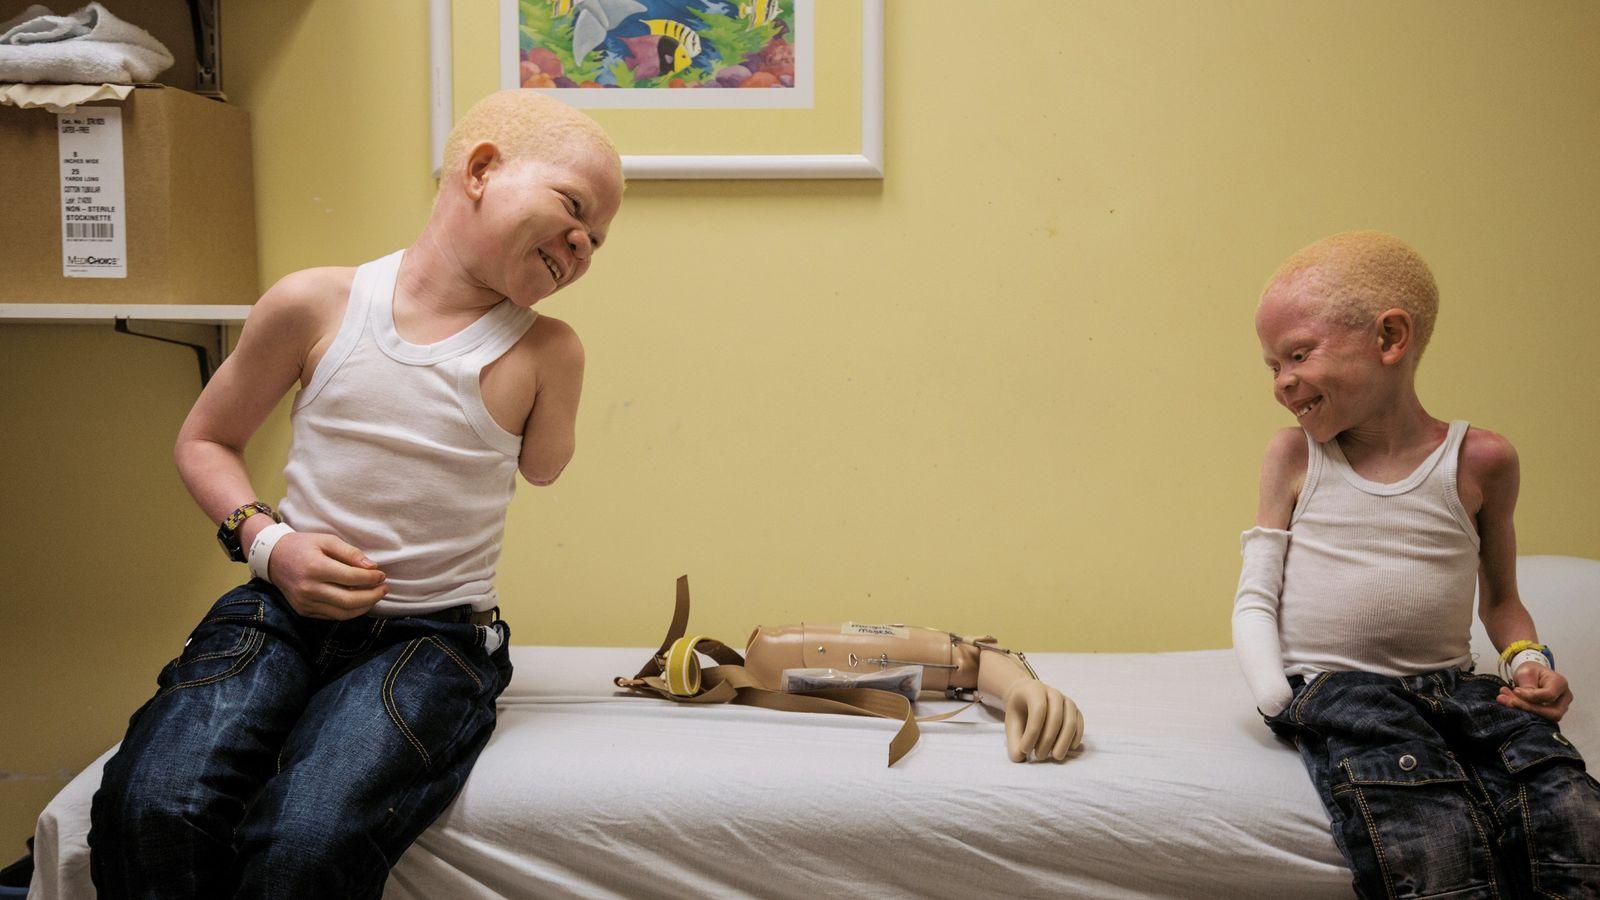 Des ONG luttent contre les violences dont sont souvent victimes les albinos en Afrique. Dans un ...